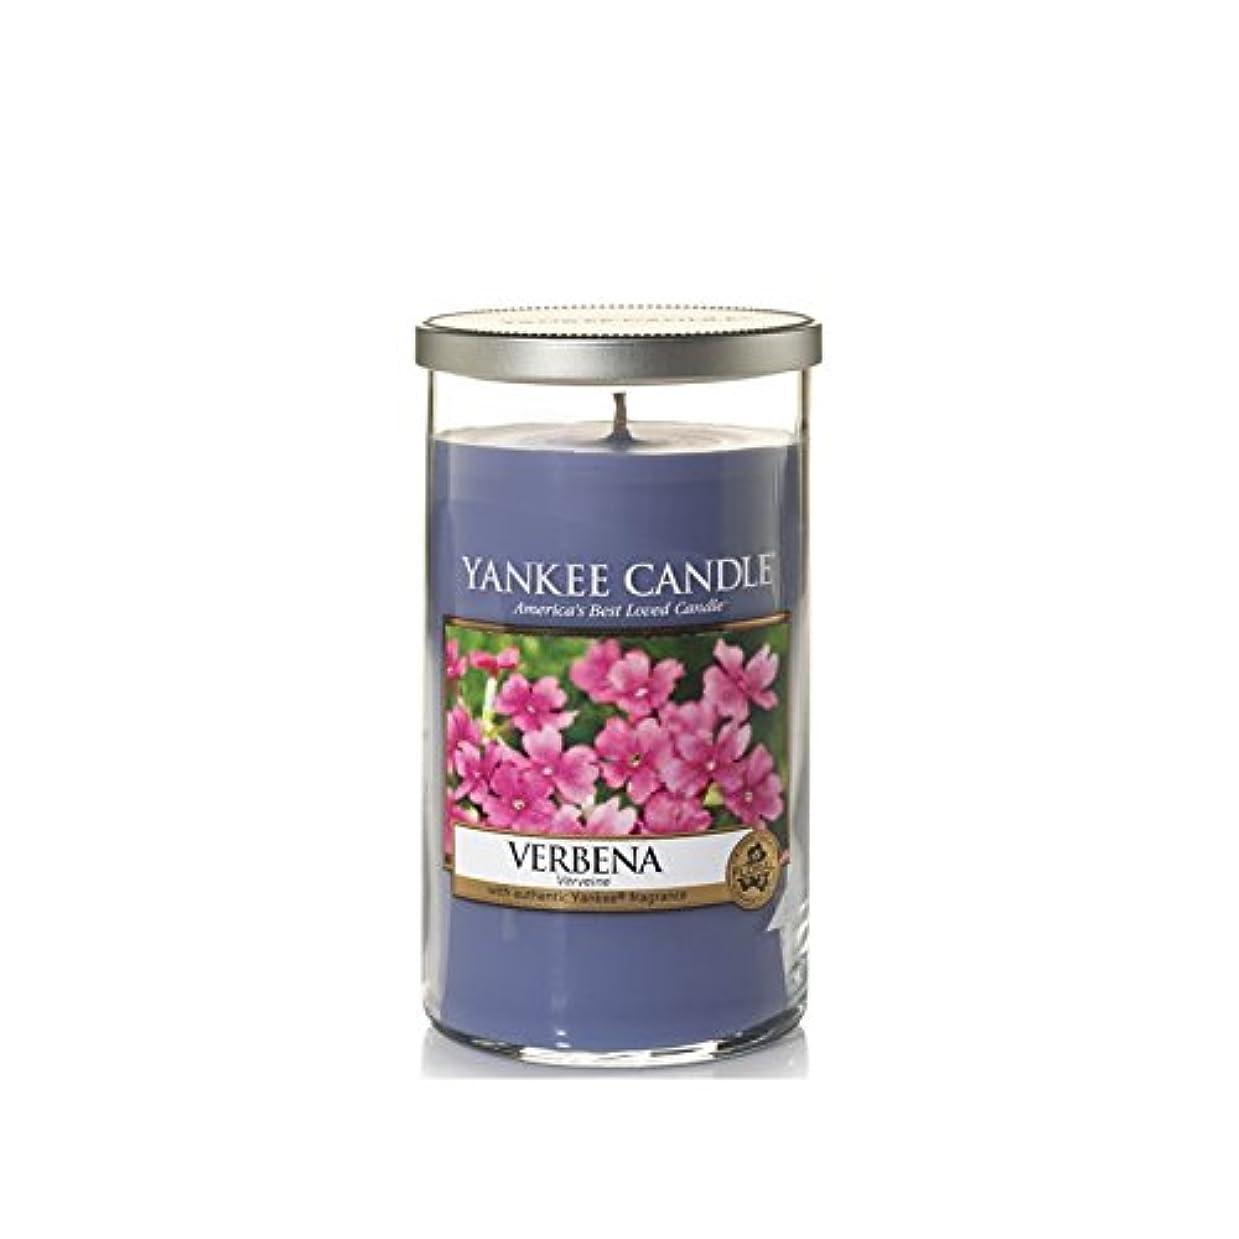 スポット器官政治家のヤンキーキャンドルメディアピラーキャンドル - バーベナ - Yankee Candles Medium Pillar Candle - Verbena (Yankee Candles) [並行輸入品]